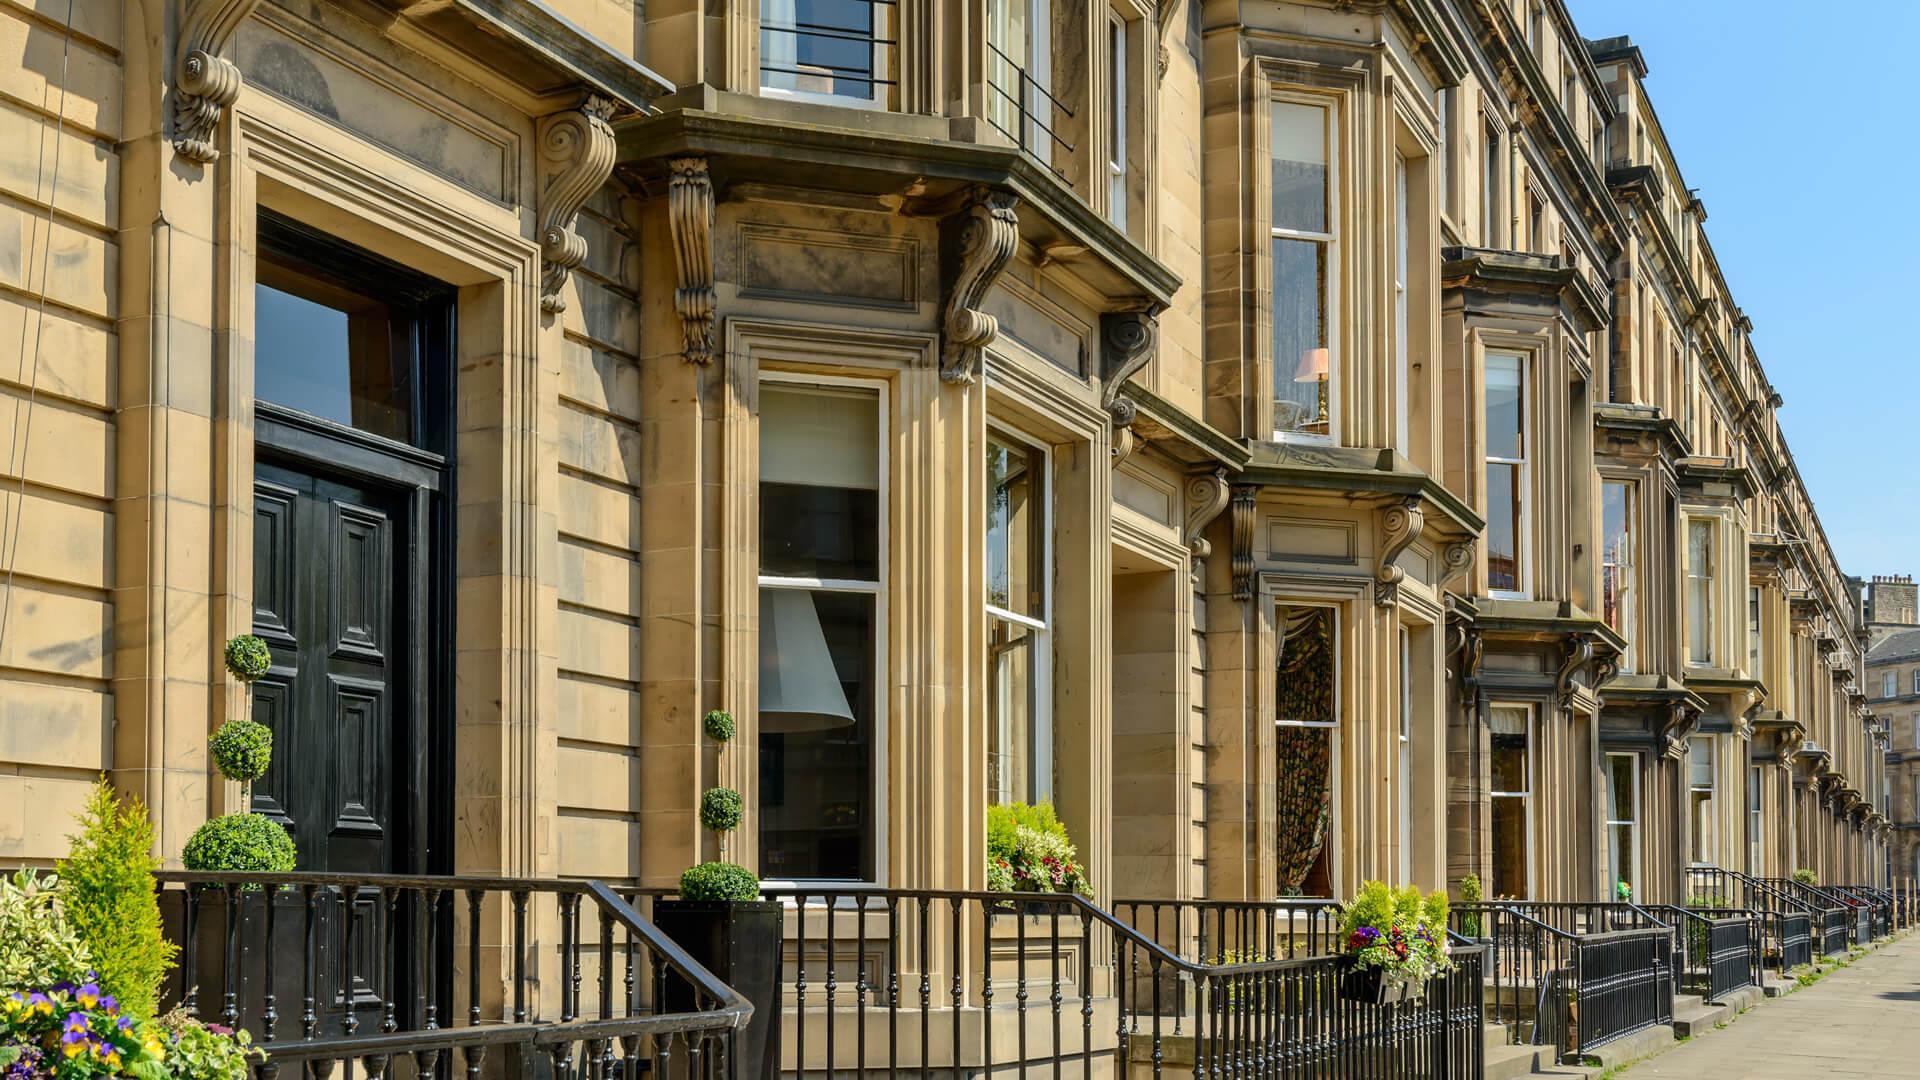 Drumsheugh Gardens in Edinburgh new town